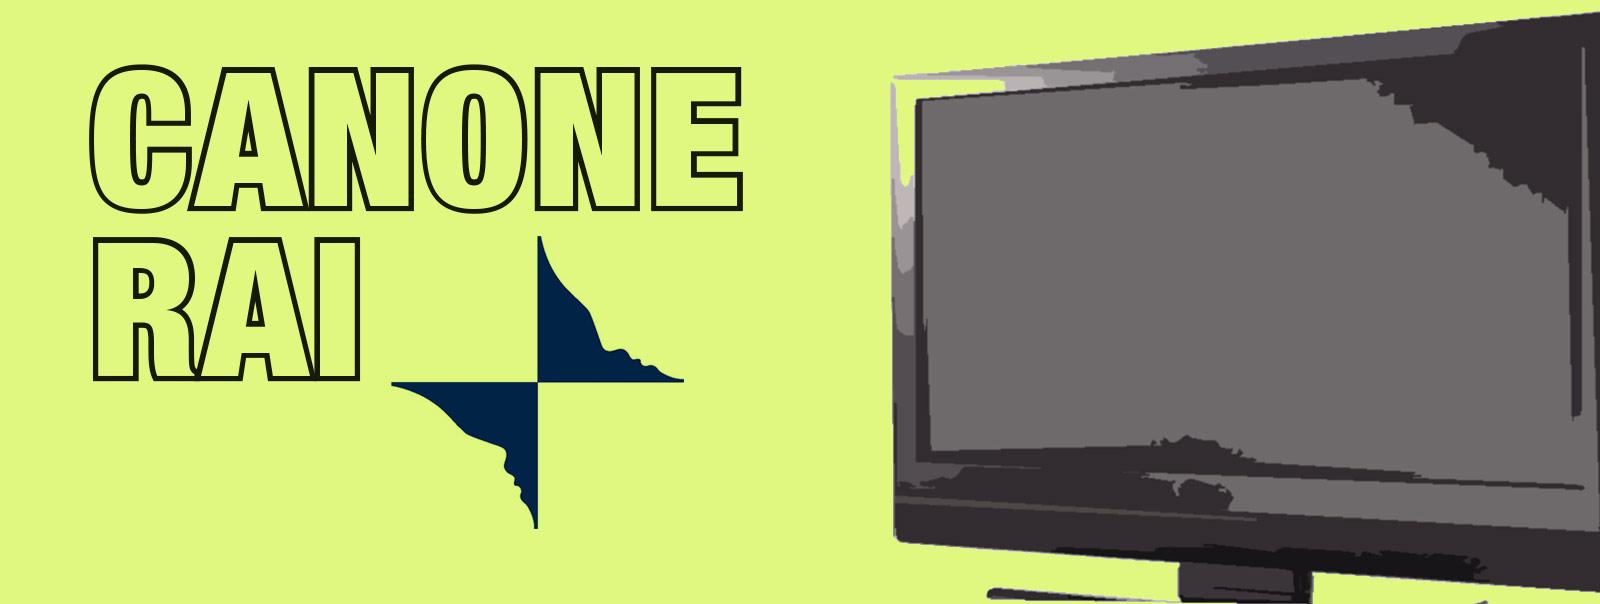 Canone tv in bolletta arrivano le for Canone tv in bolletta